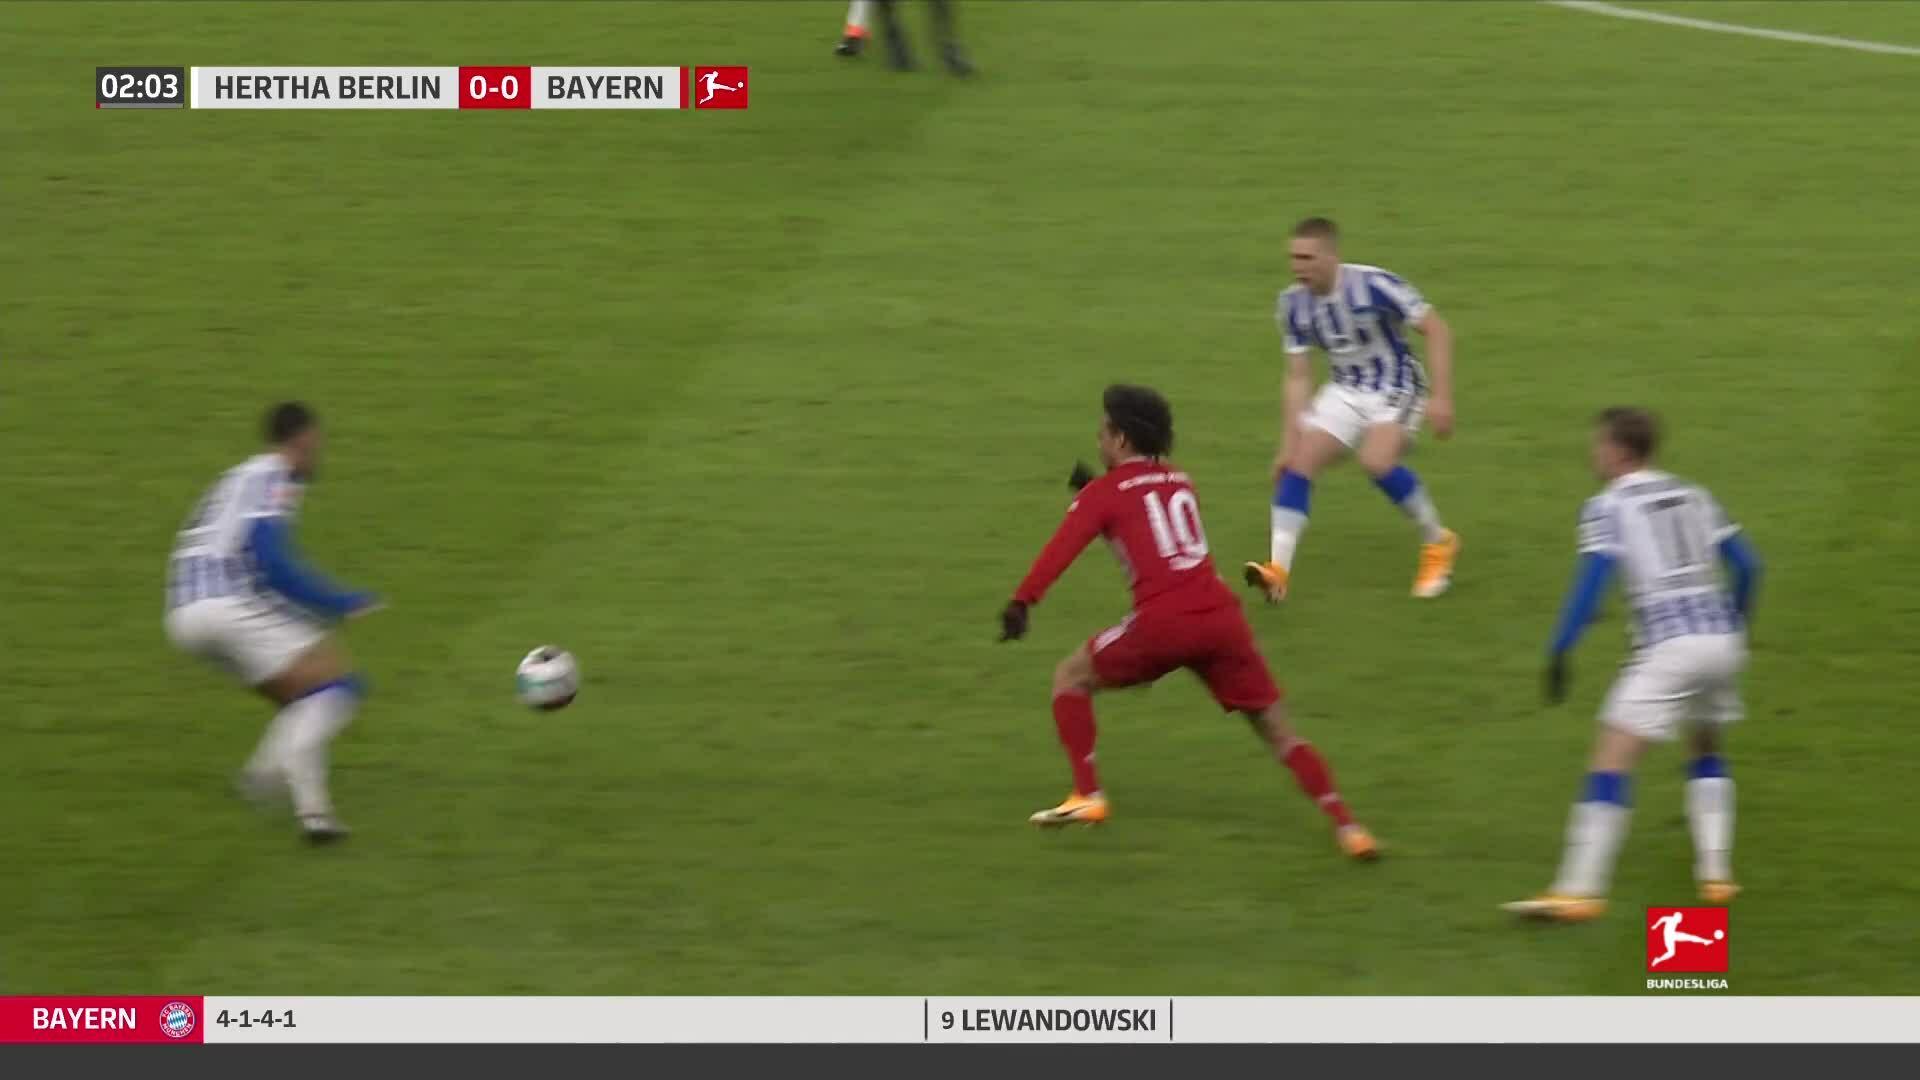 Hertha Berlin 0-1 Bayern